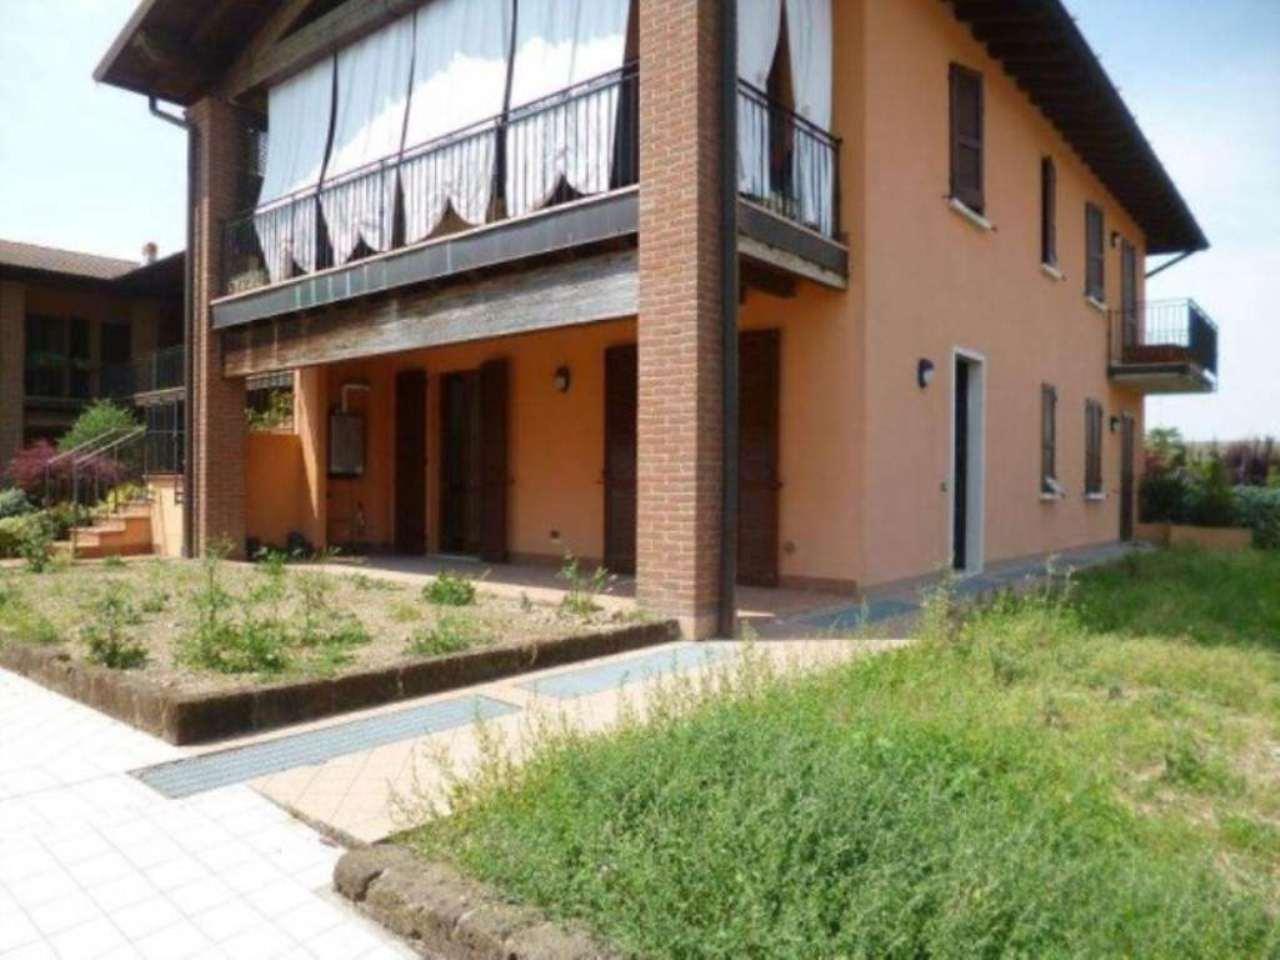 Appartamento in vendita a Bagnolo Mella, 3 locali, prezzo € 200.000 | Cambio Casa.it